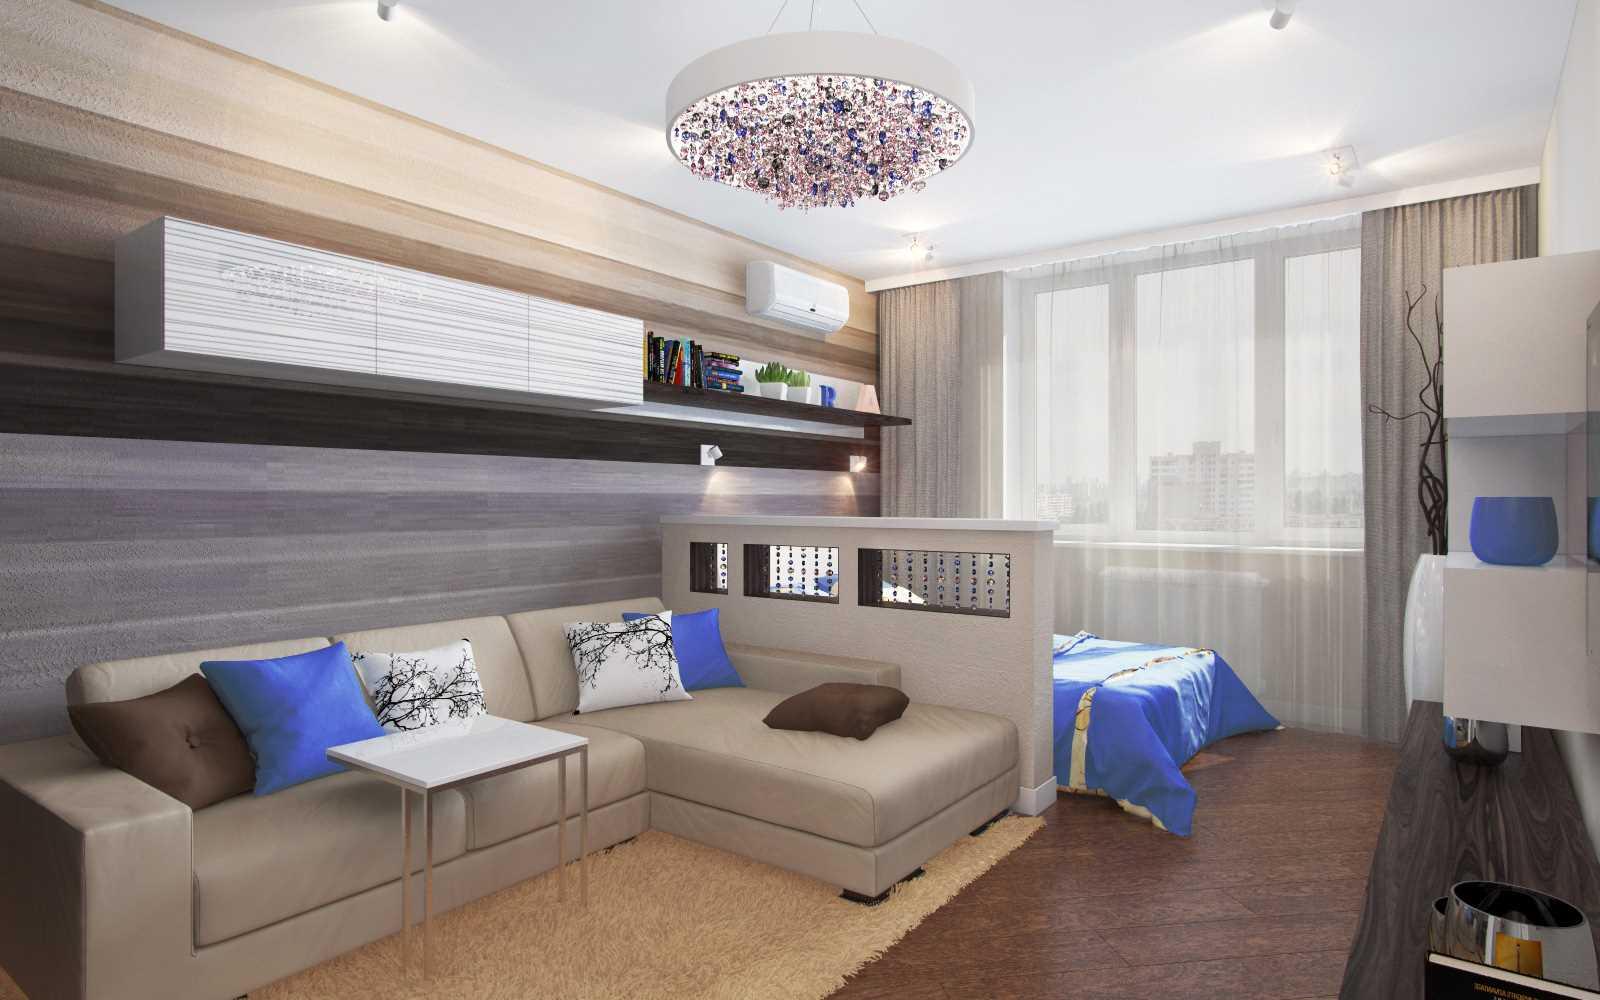 Дизайн гостиной 20 кв. м. фото готовых интерьеров. совмещение с кухней, спальней